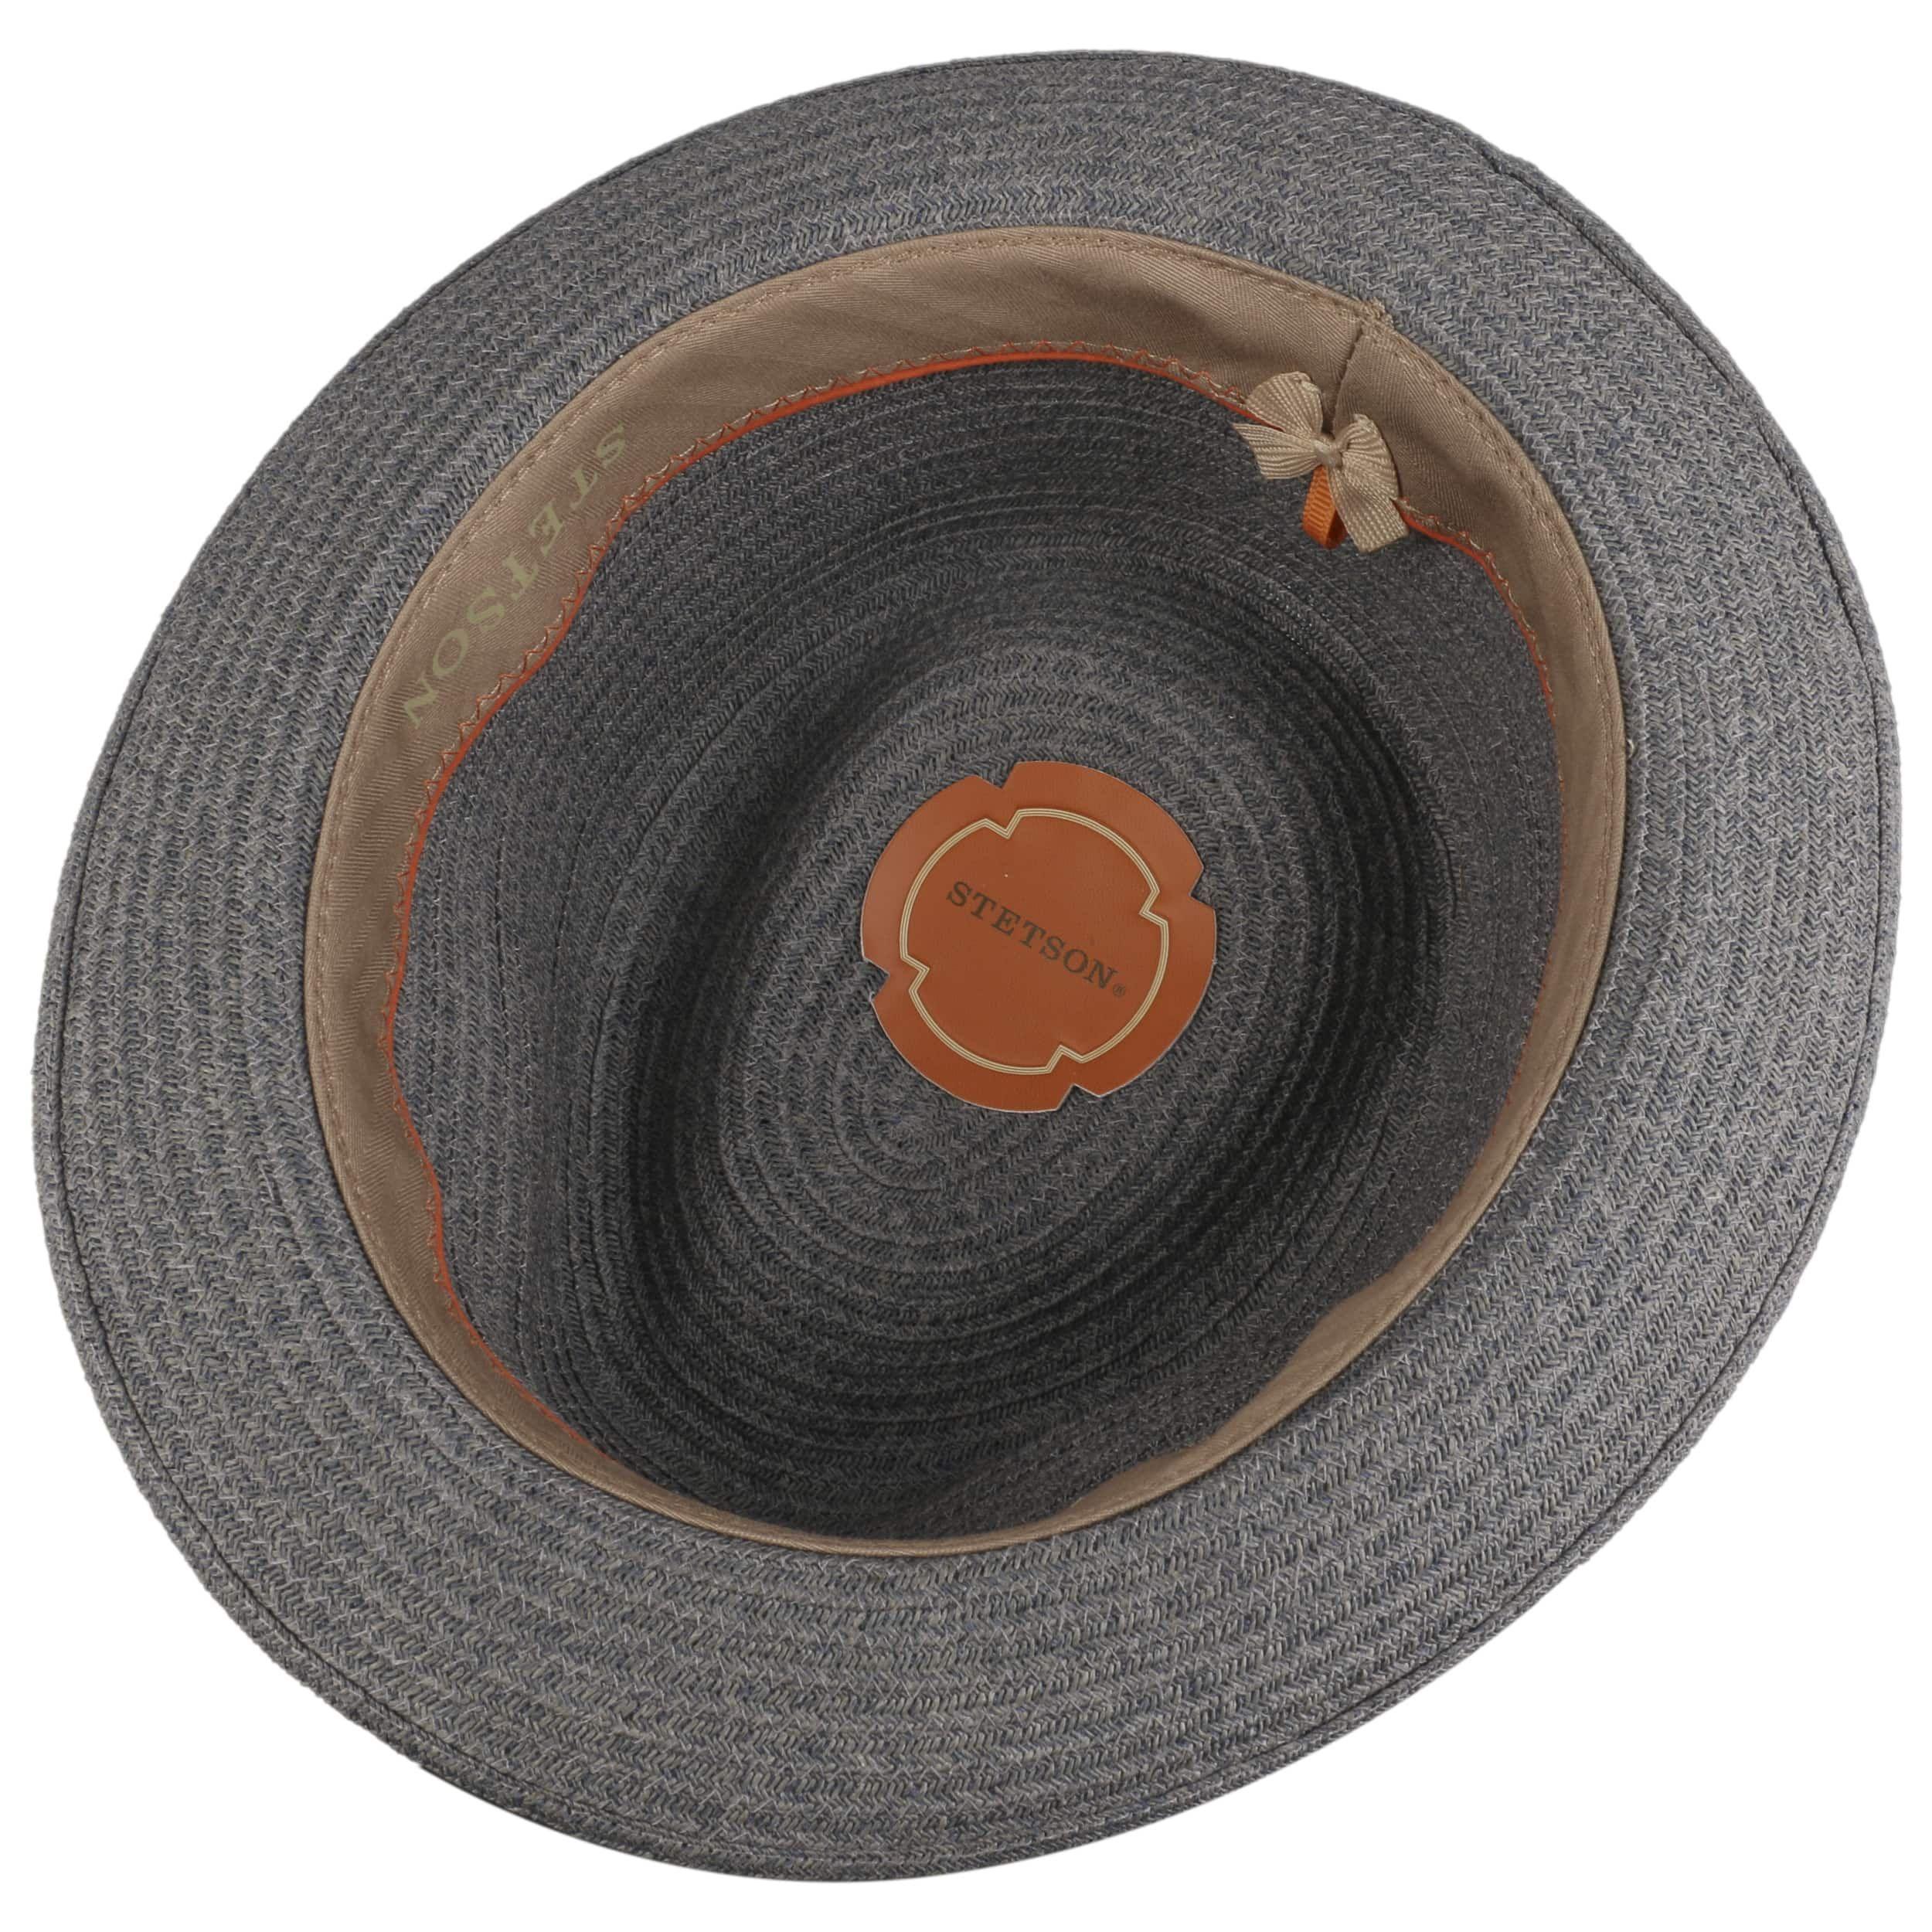 Carson Fedora Toyo Straw Hat grey-blue